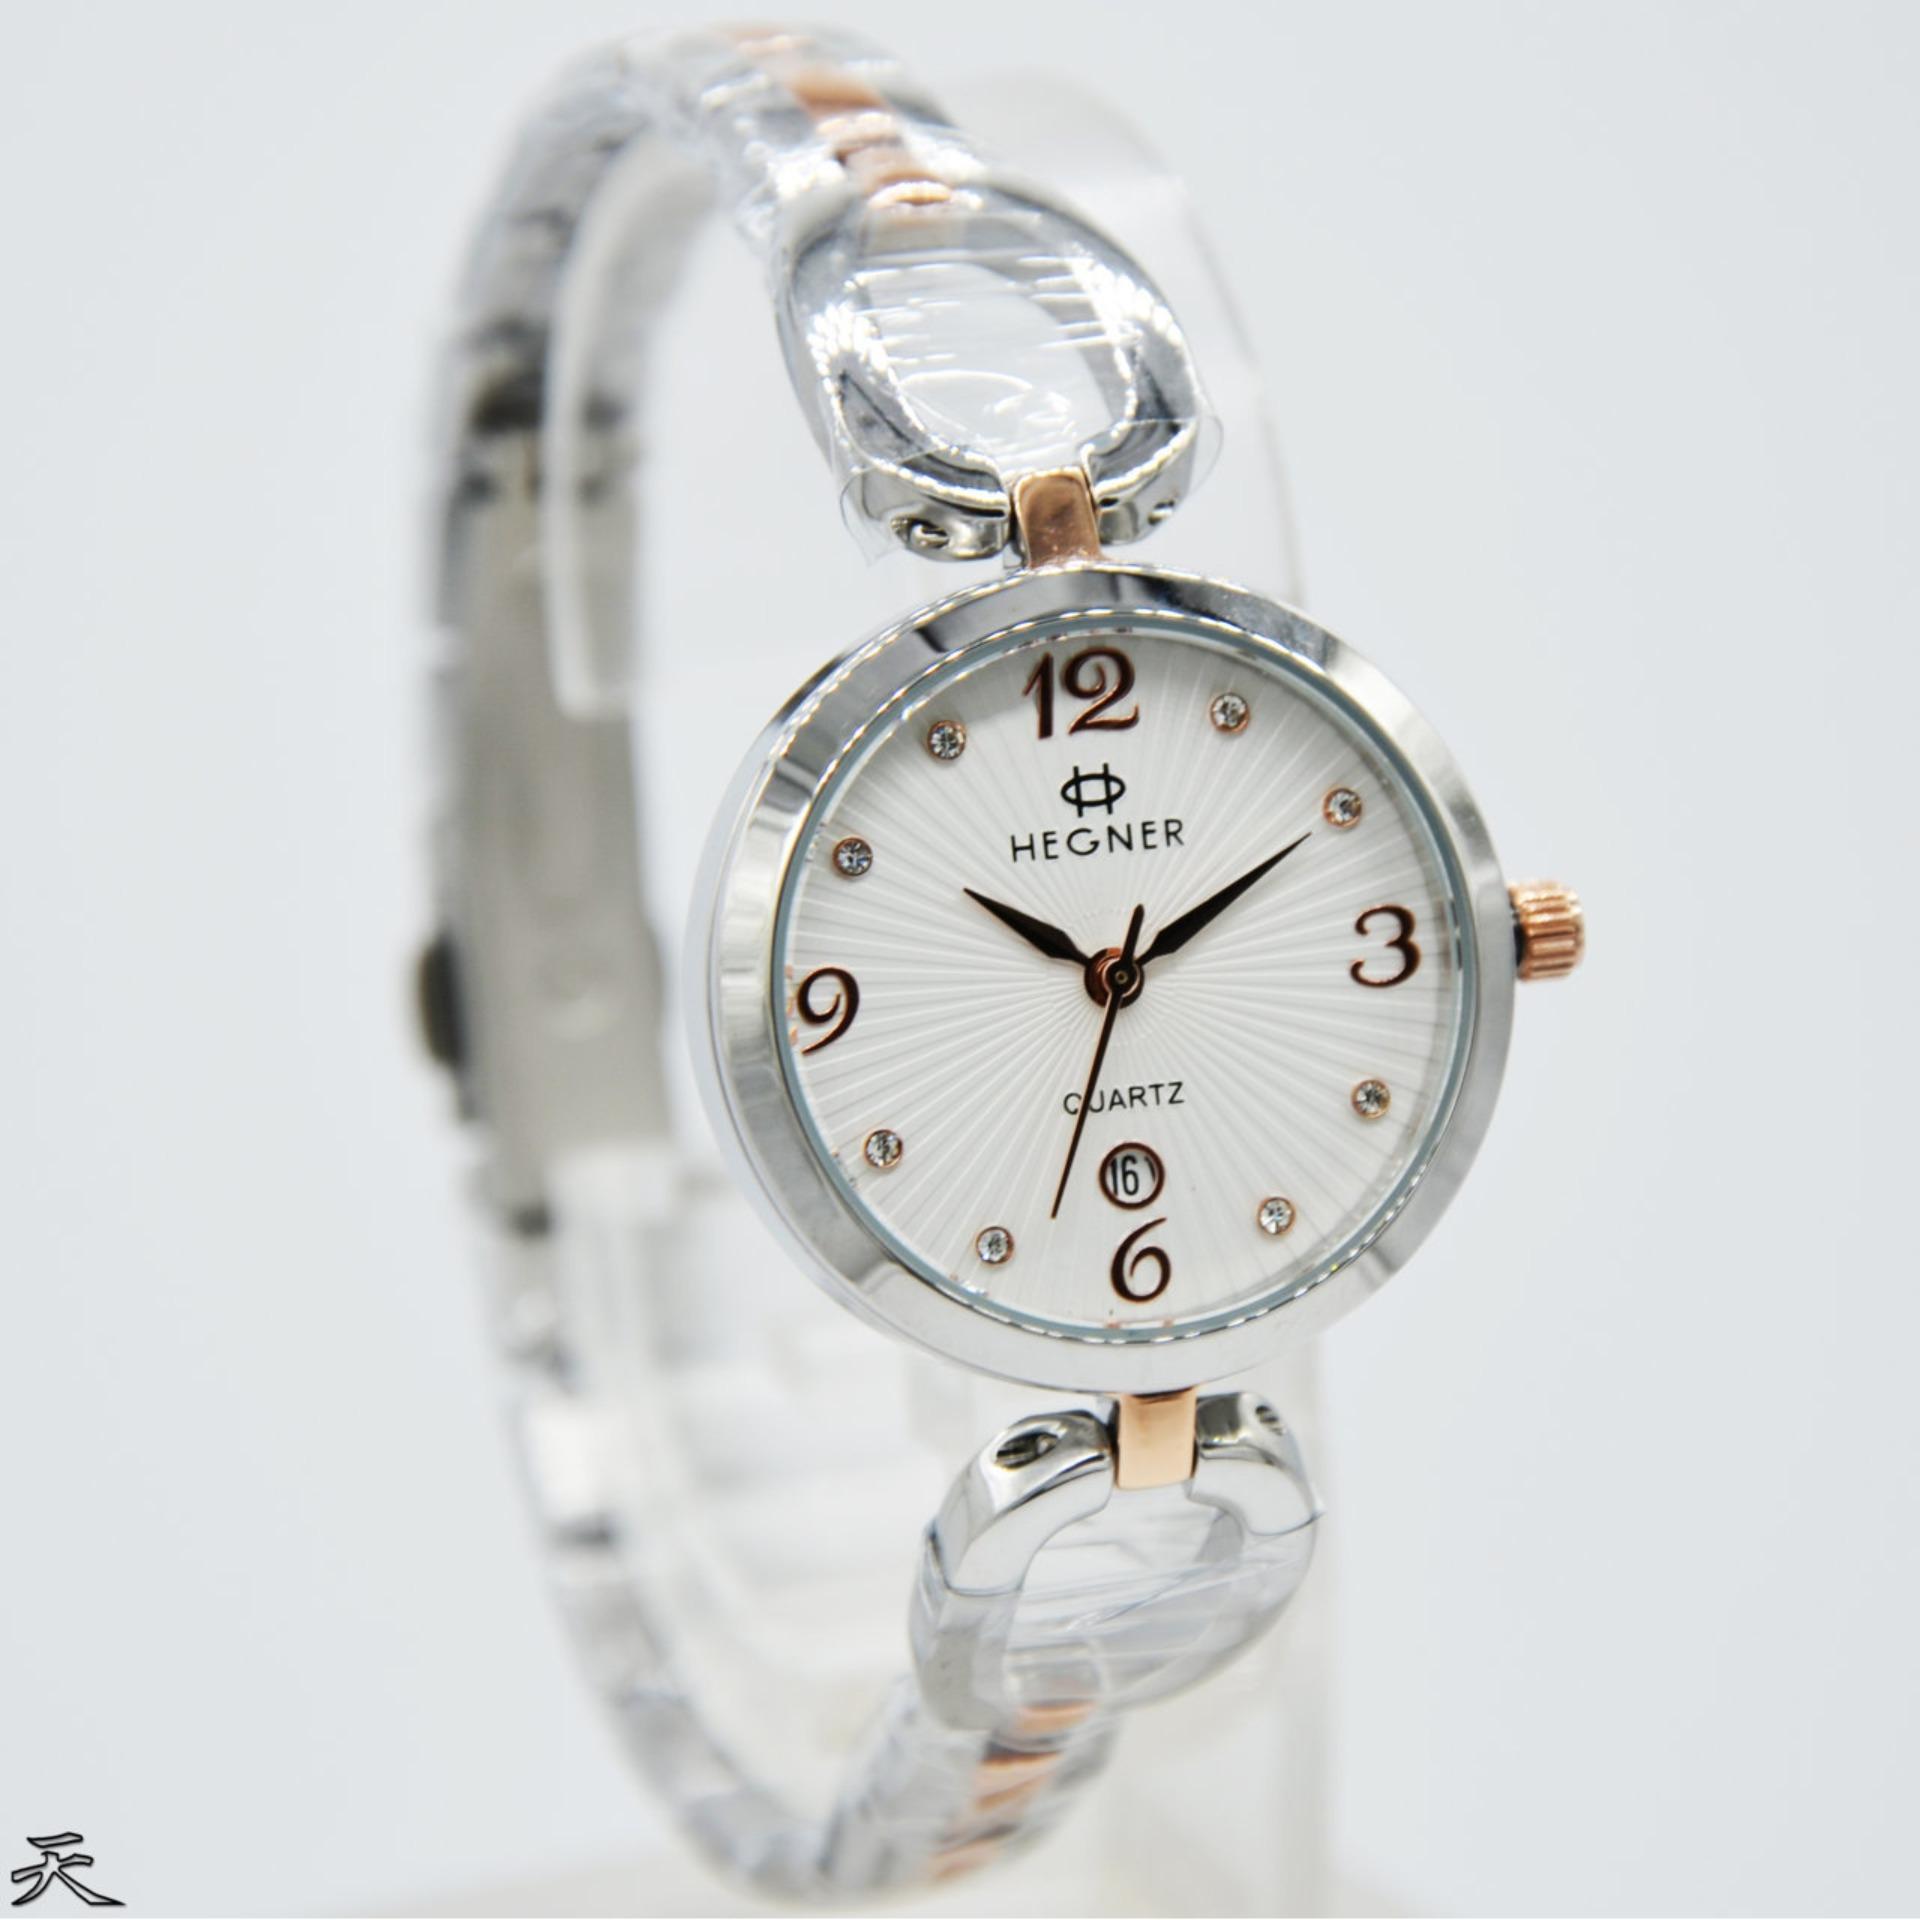 Hegner-HG5036L-Jam Tangan Wanita Stainless-Rosegold Combi Silver